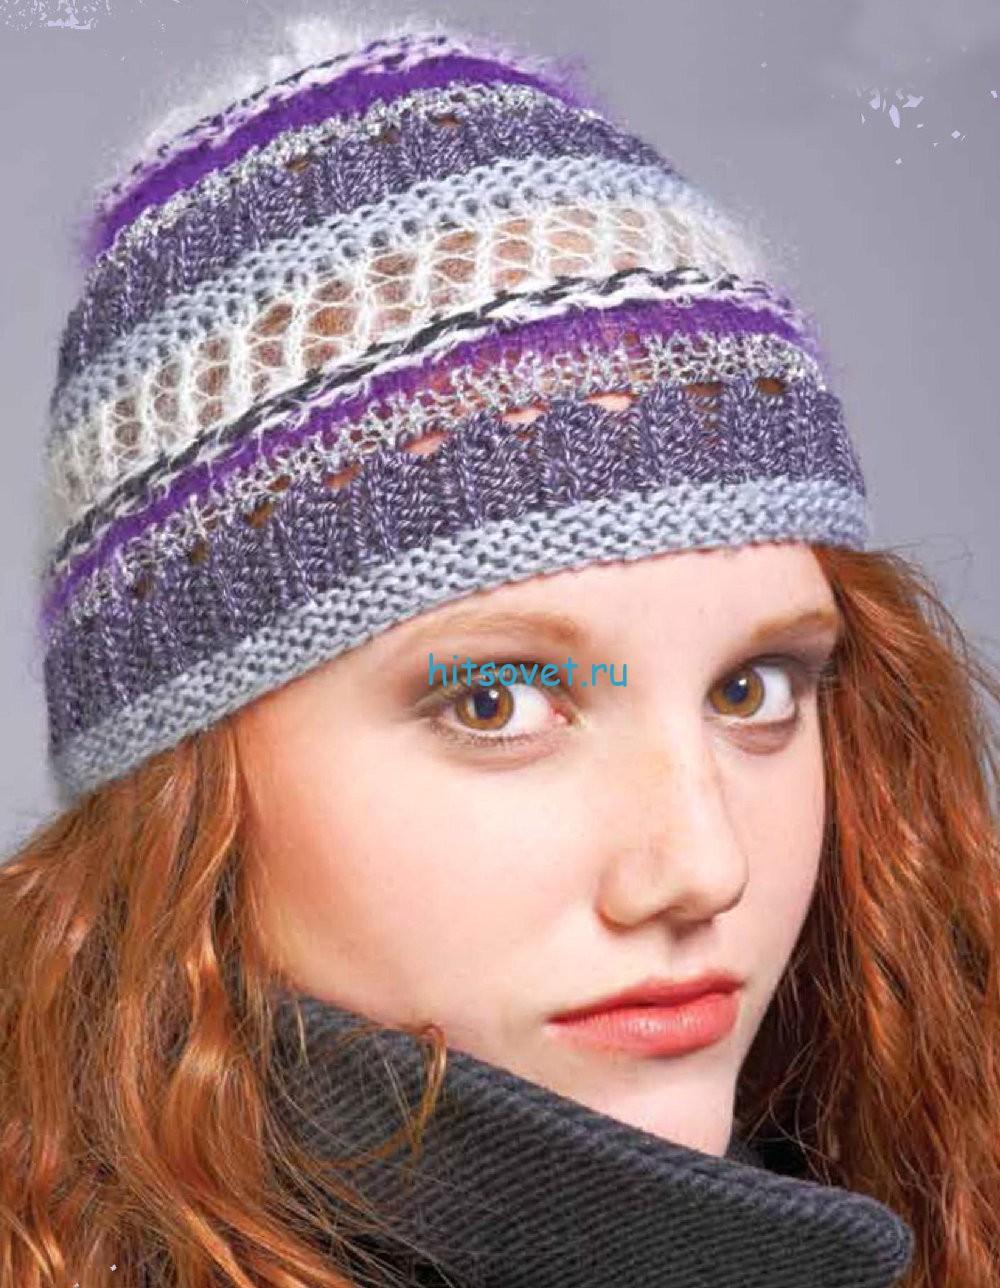 Вязание шапки из разных видов пряжи, фото.